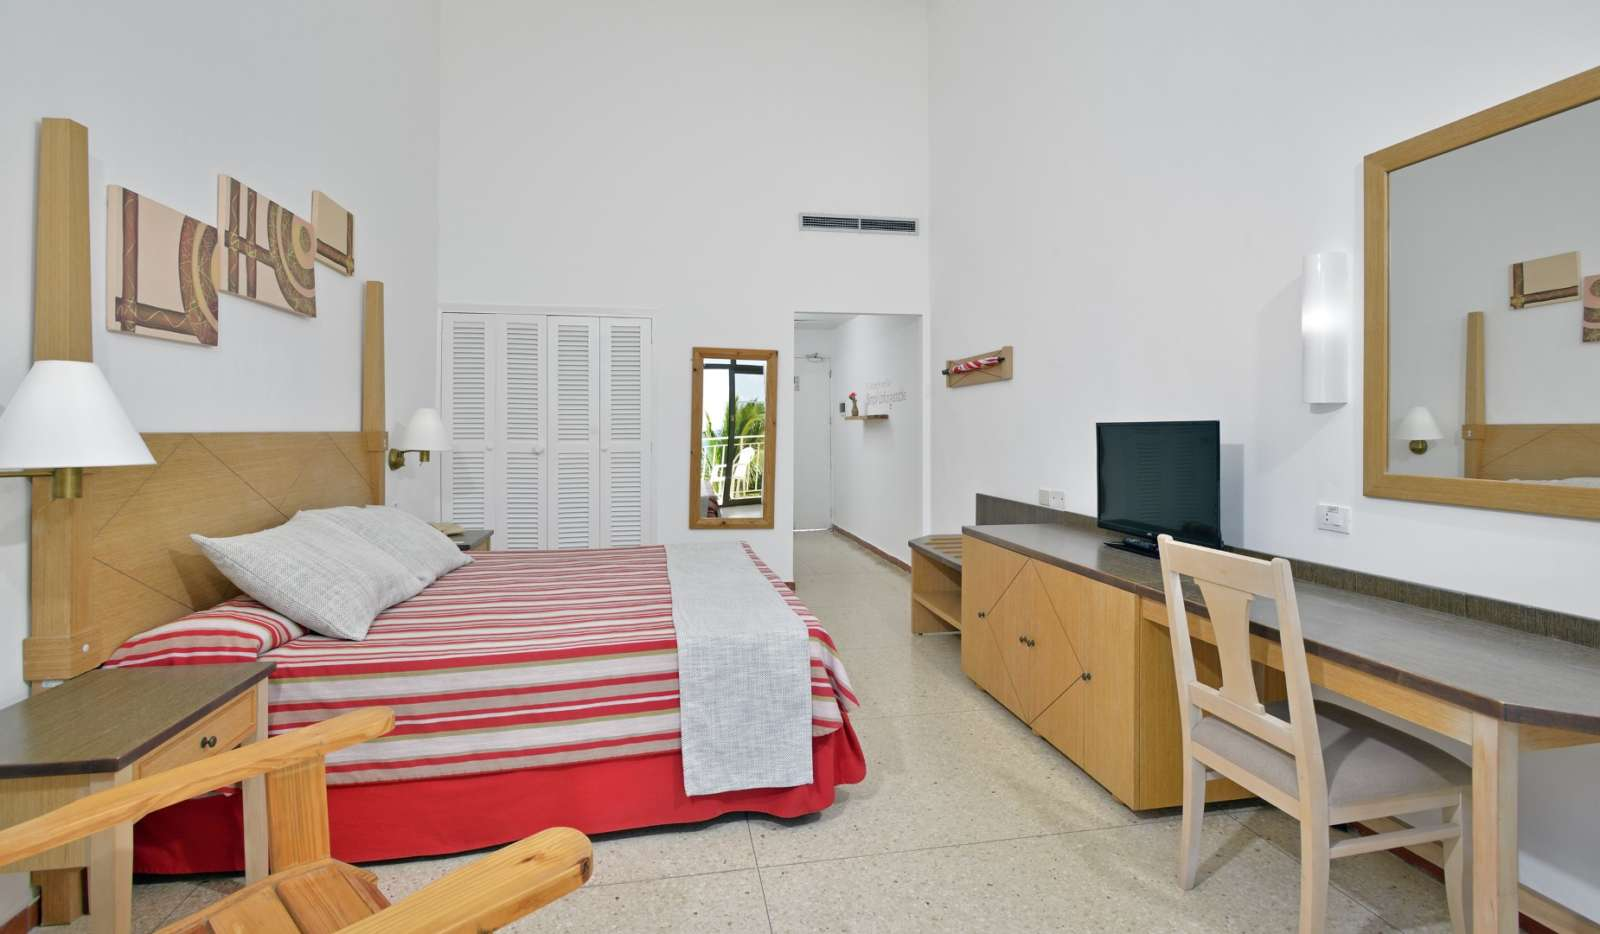 Double room at Sol Rio De Luna Y Mares